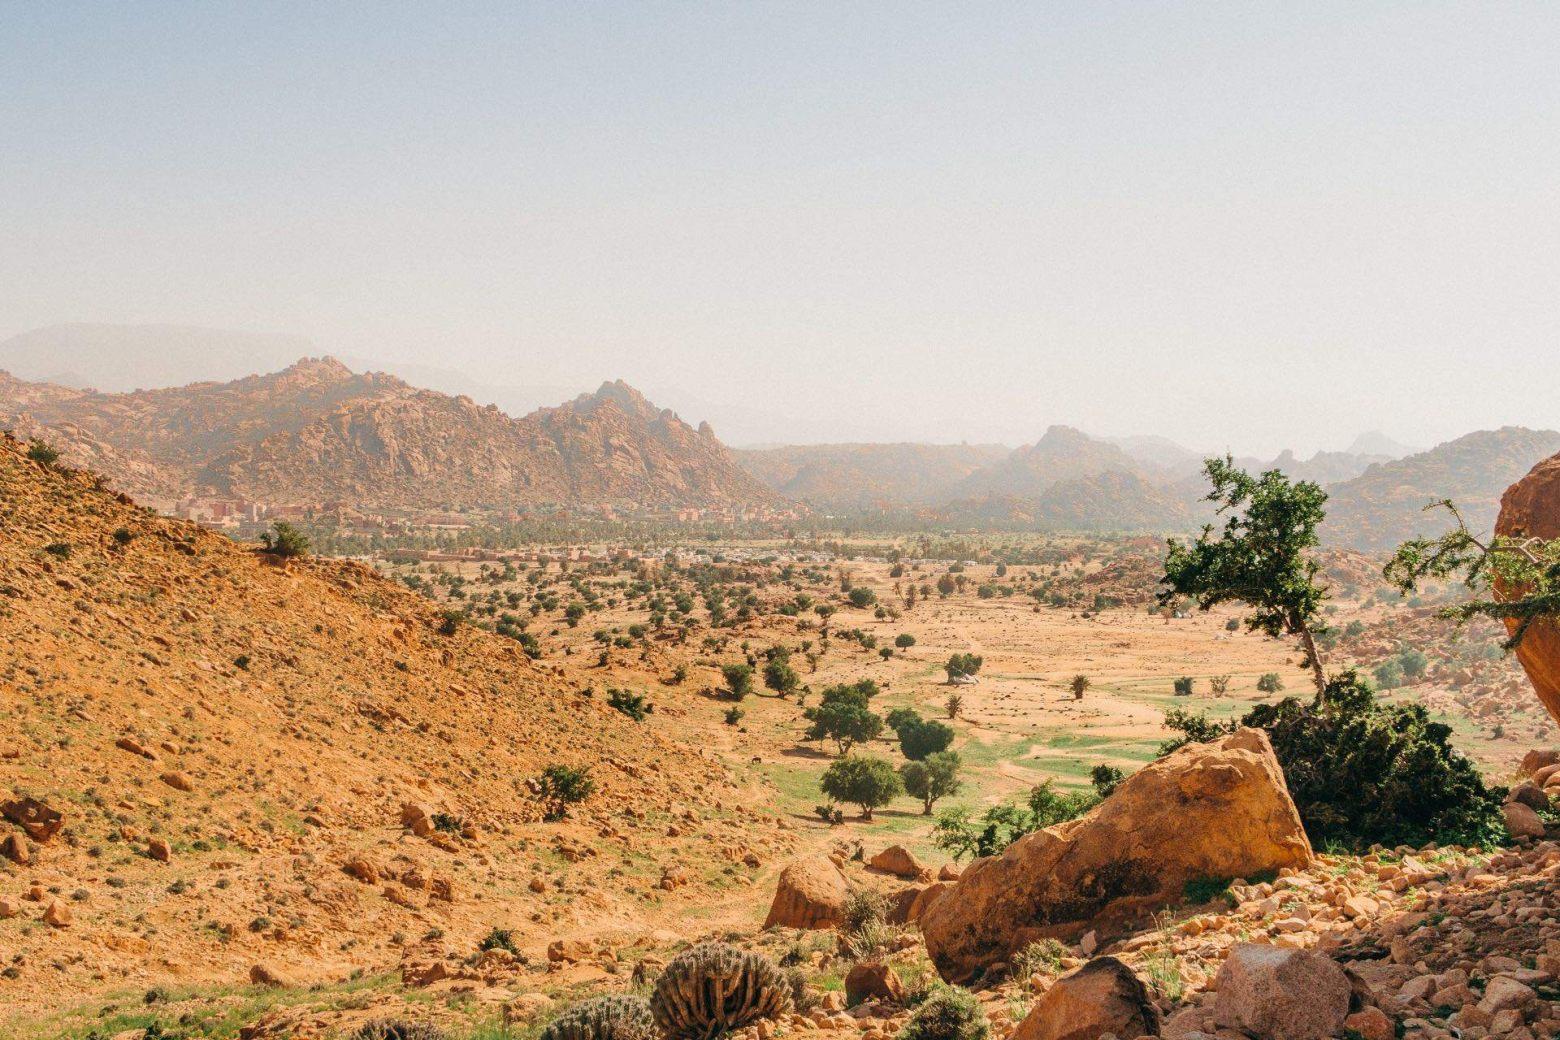 Tafraoute im Antiatlas Gebirge